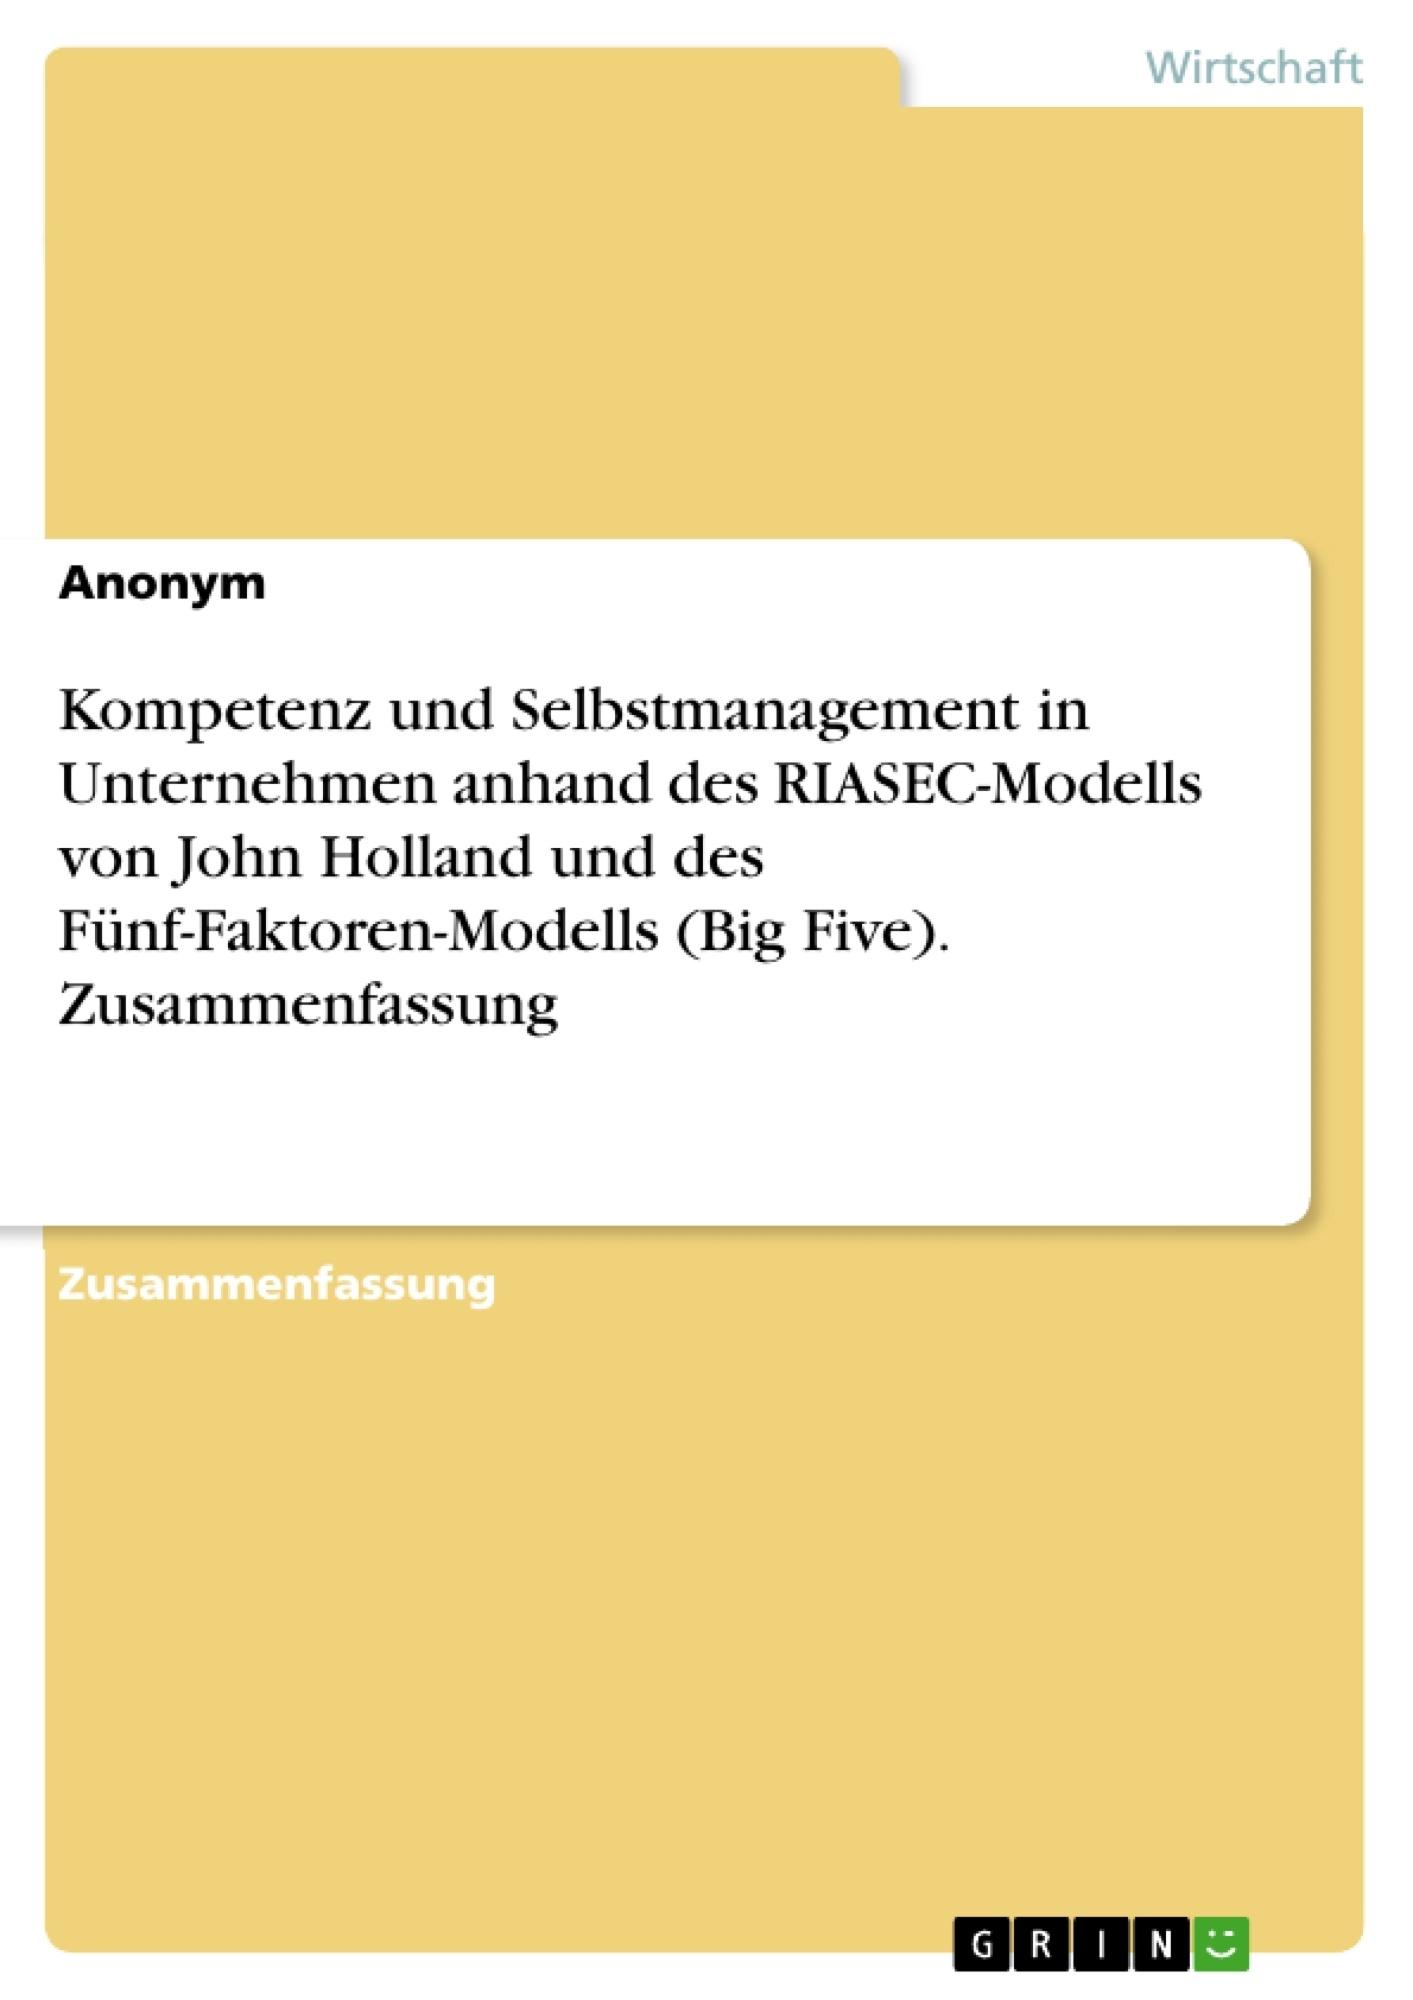 Titel: Kompetenz und Selbstmanagement in Unternehmen anhand des RIASEC-Modells von John Holland und des Fünf-Faktoren-Modells (Big Five). Zusammenfassung